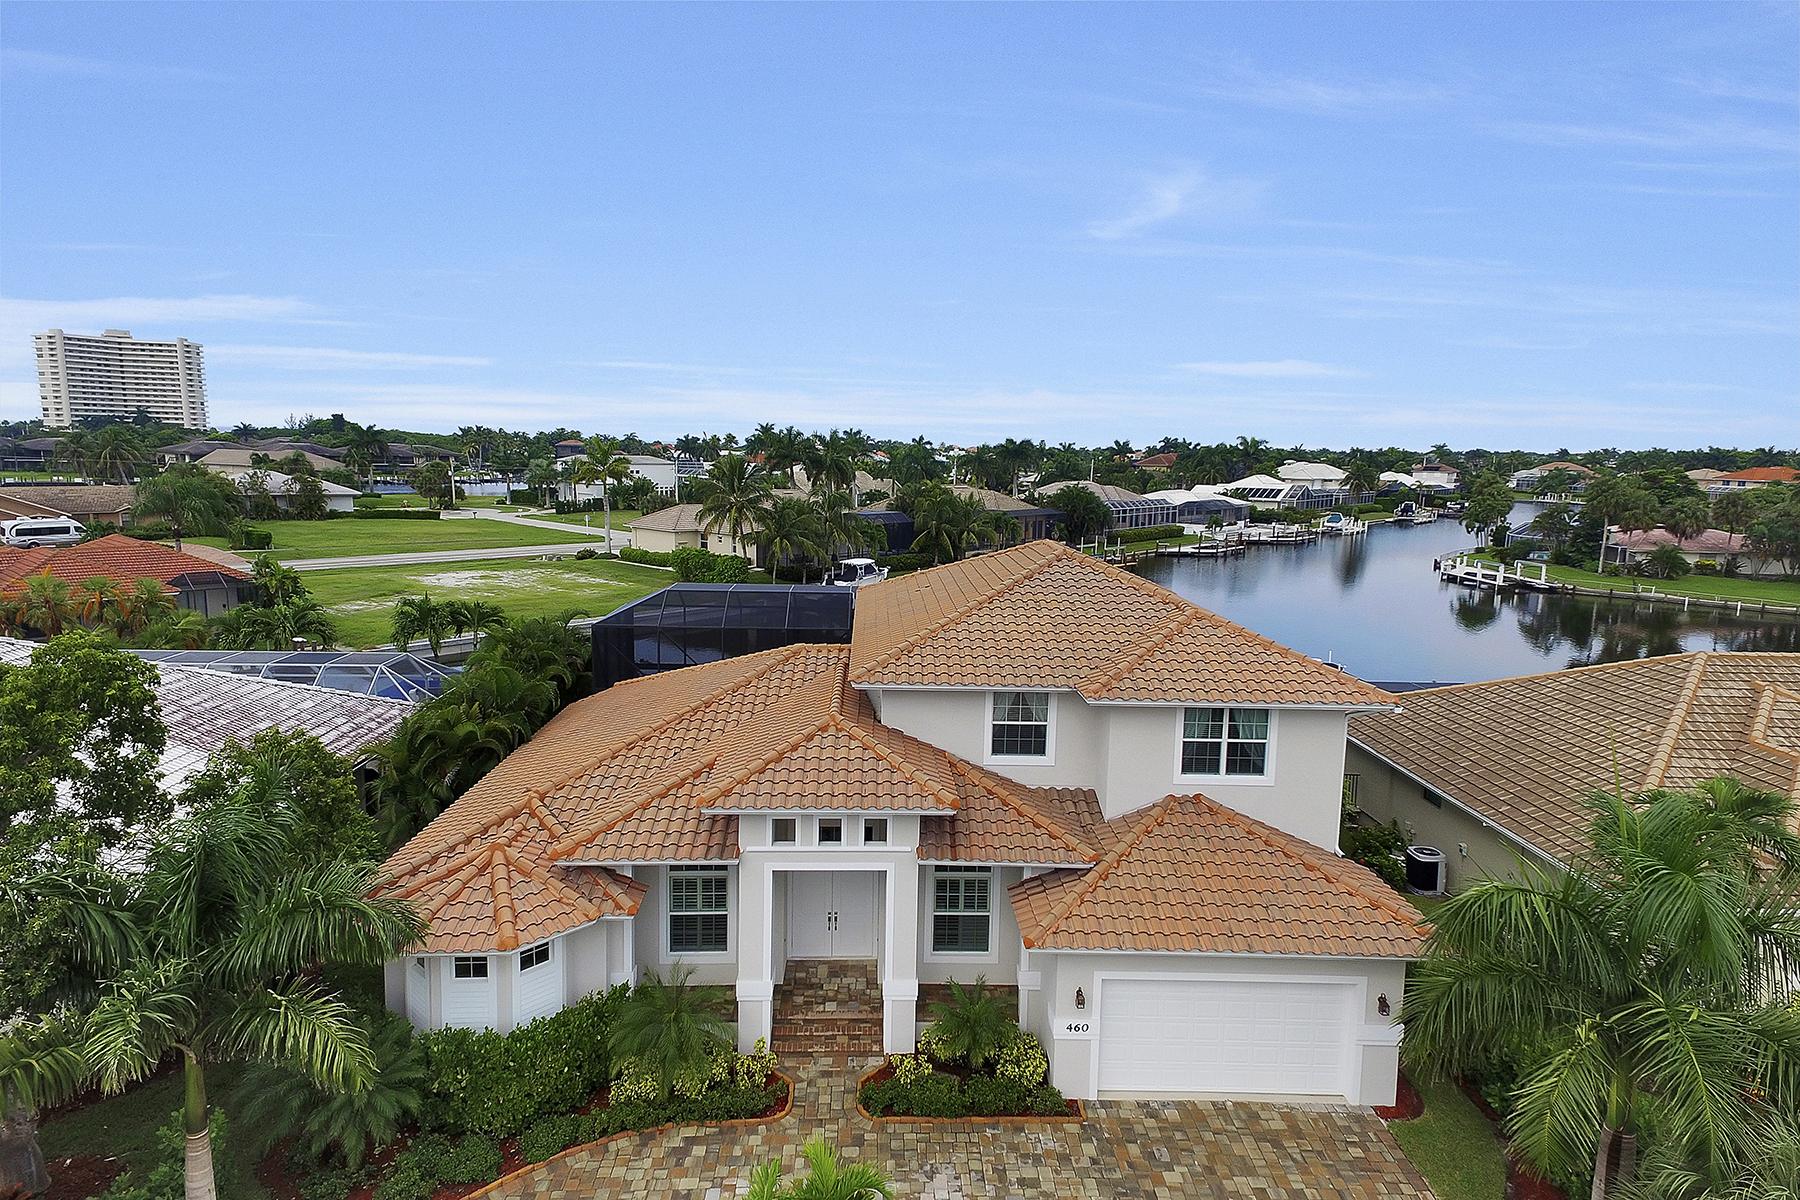 独户住宅 为 销售 在 MARCO ISLAND 460 Century Dr 马可岛, 佛罗里达州, 34145 美国